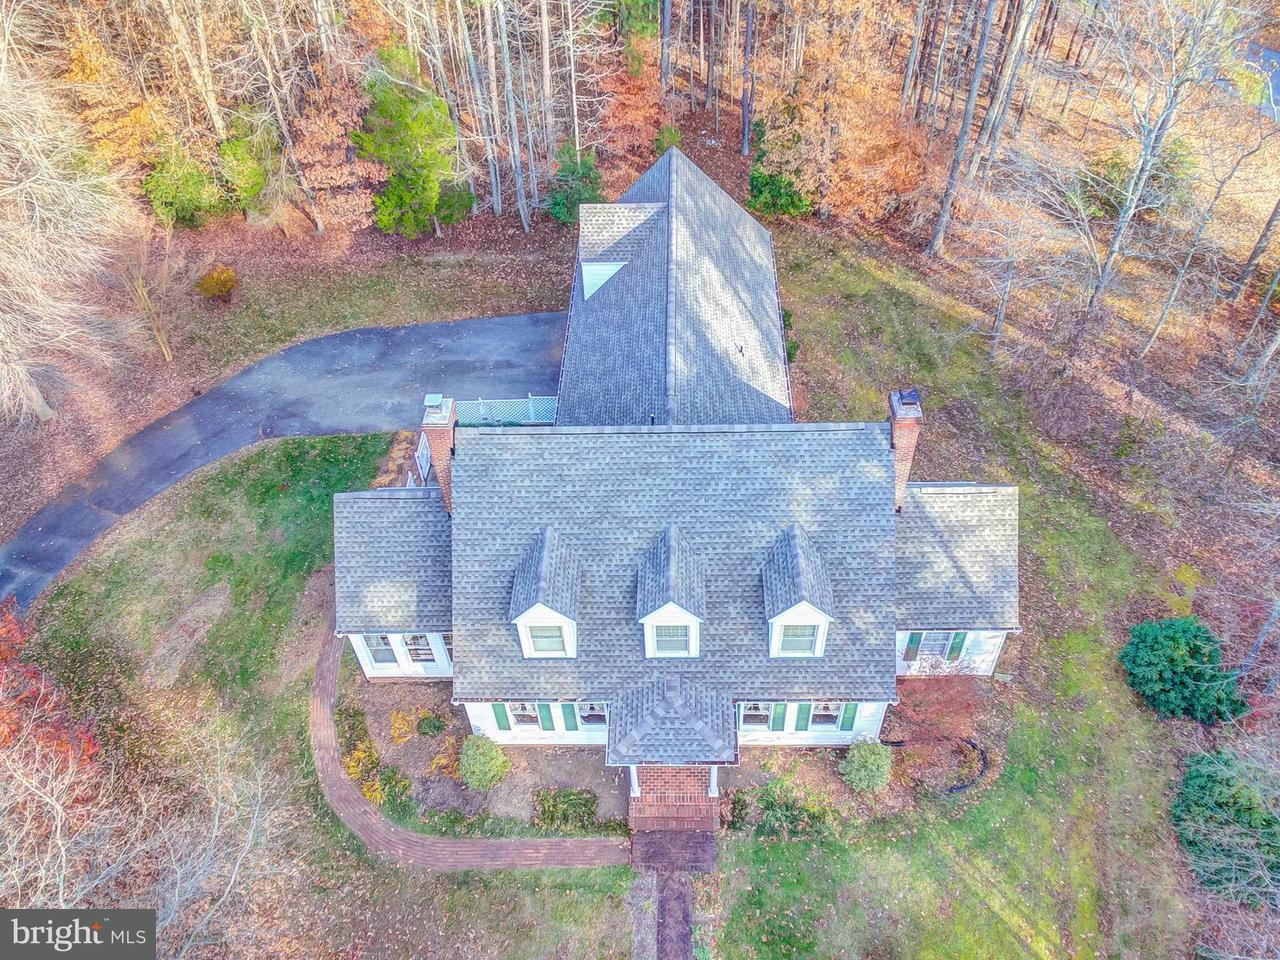 一戸建て のために 売買 アット 4390 GUINEVERE Lane 4390 GUINEVERE Lane Pomfret, メリーランド 20675 アメリカ合衆国